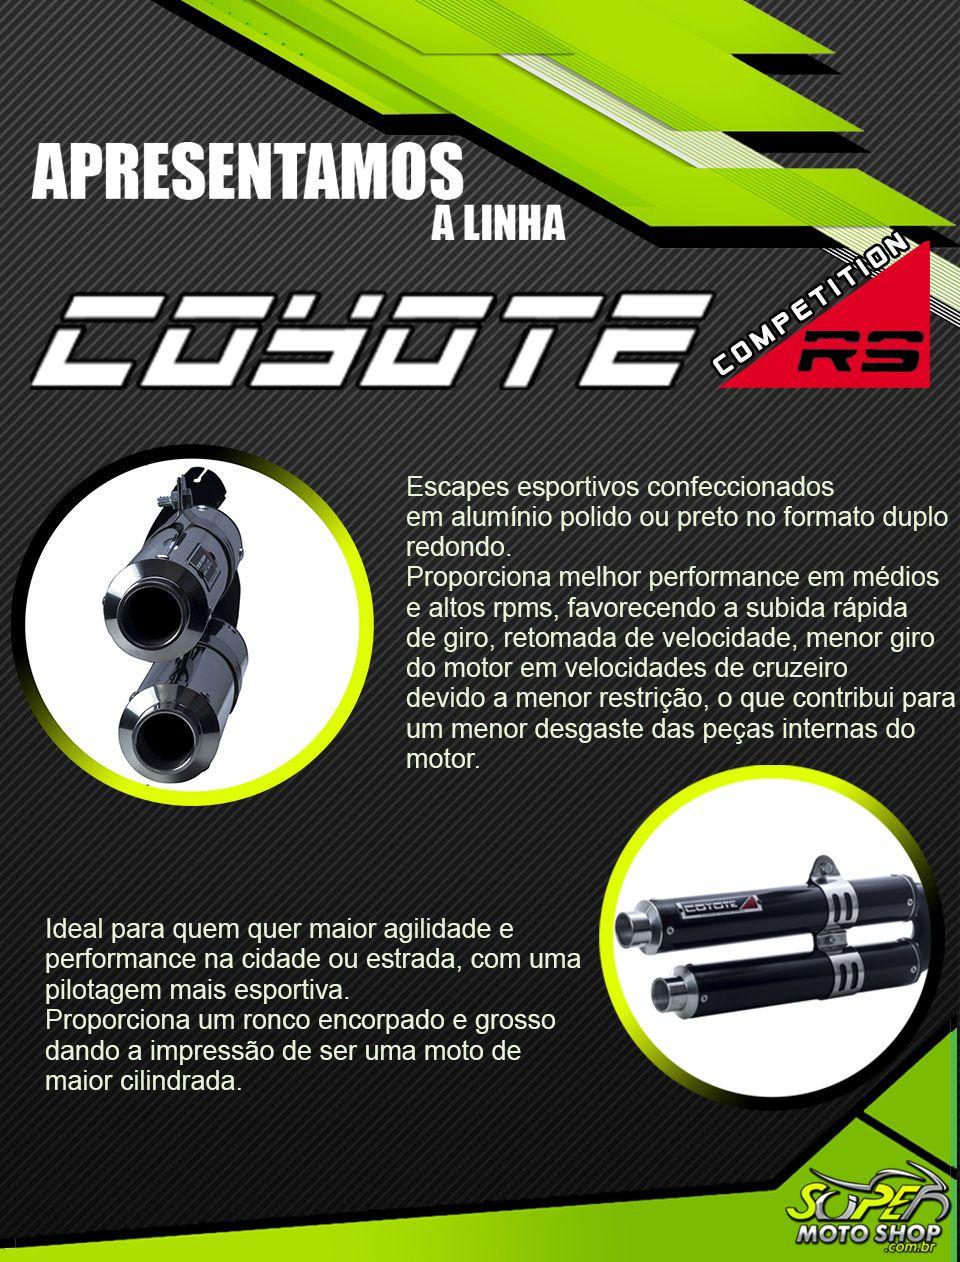 Escape / Ponteira Coyote Competition Duplo em Alumínio - CB 500 1997 até 2005 - Honda